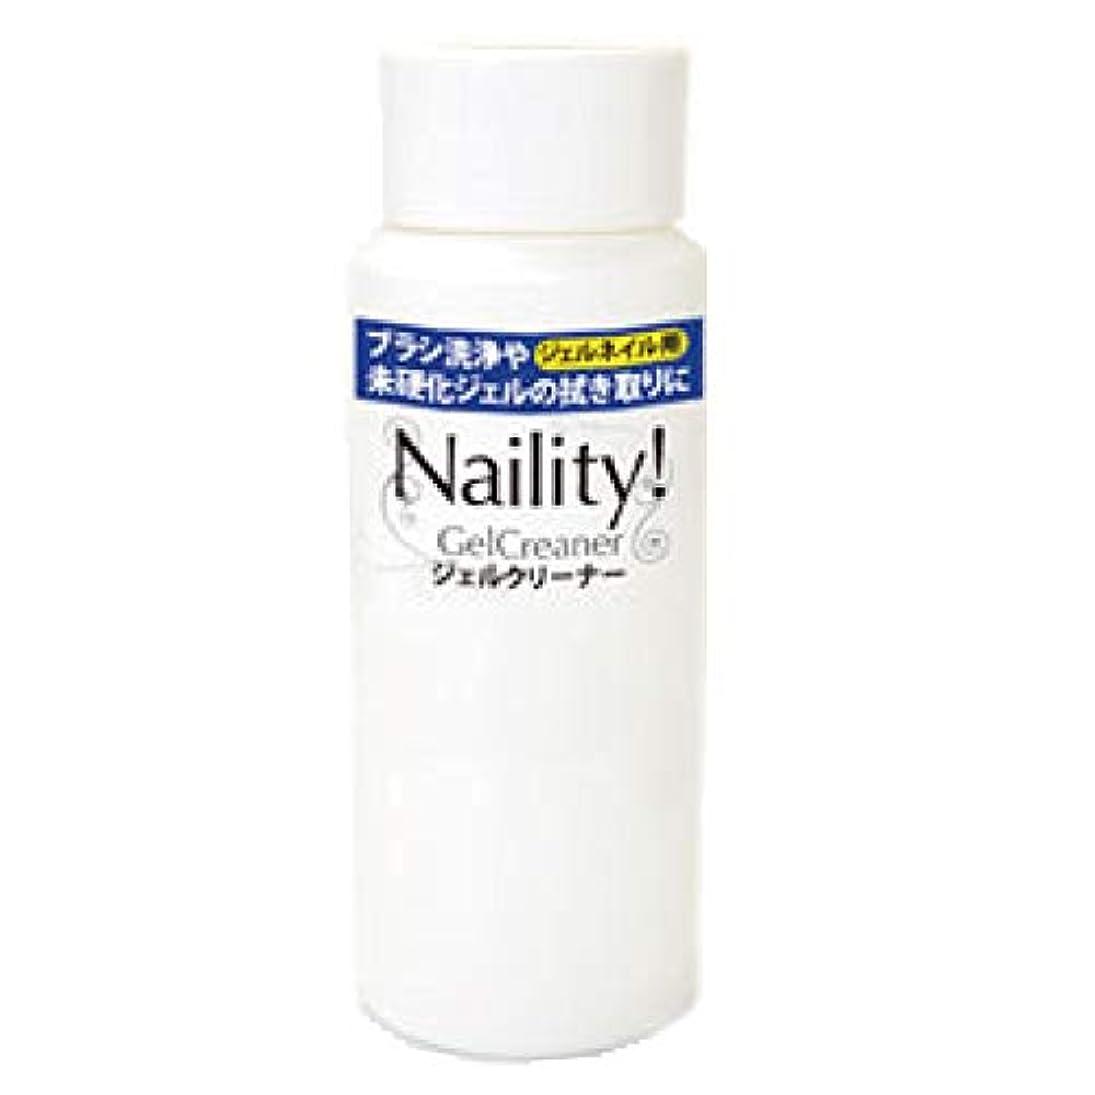 床を掃除する権利を与える威信Naility! ジェルクリーナー 120mL